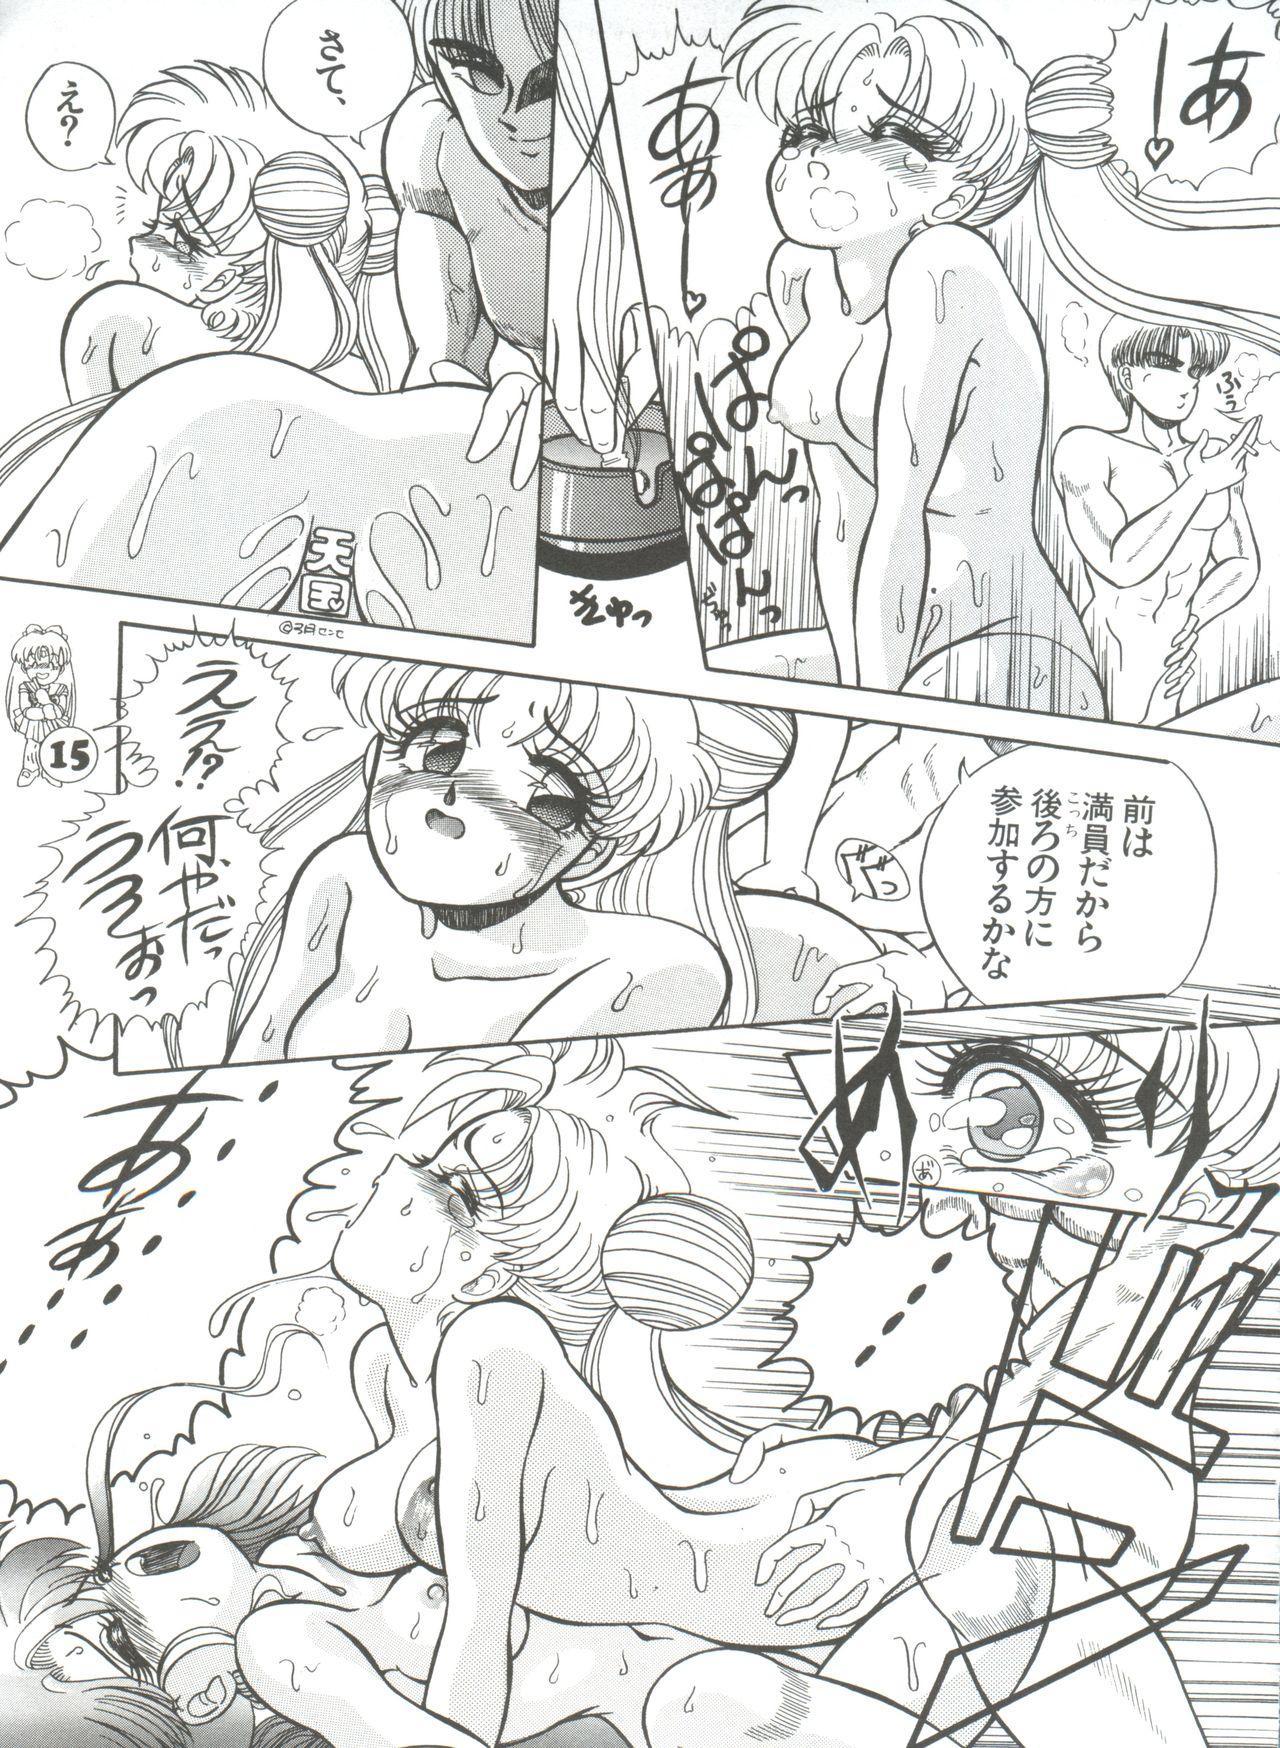 Shin Bishoujo Shoukougun 1 Reimei Hen 84